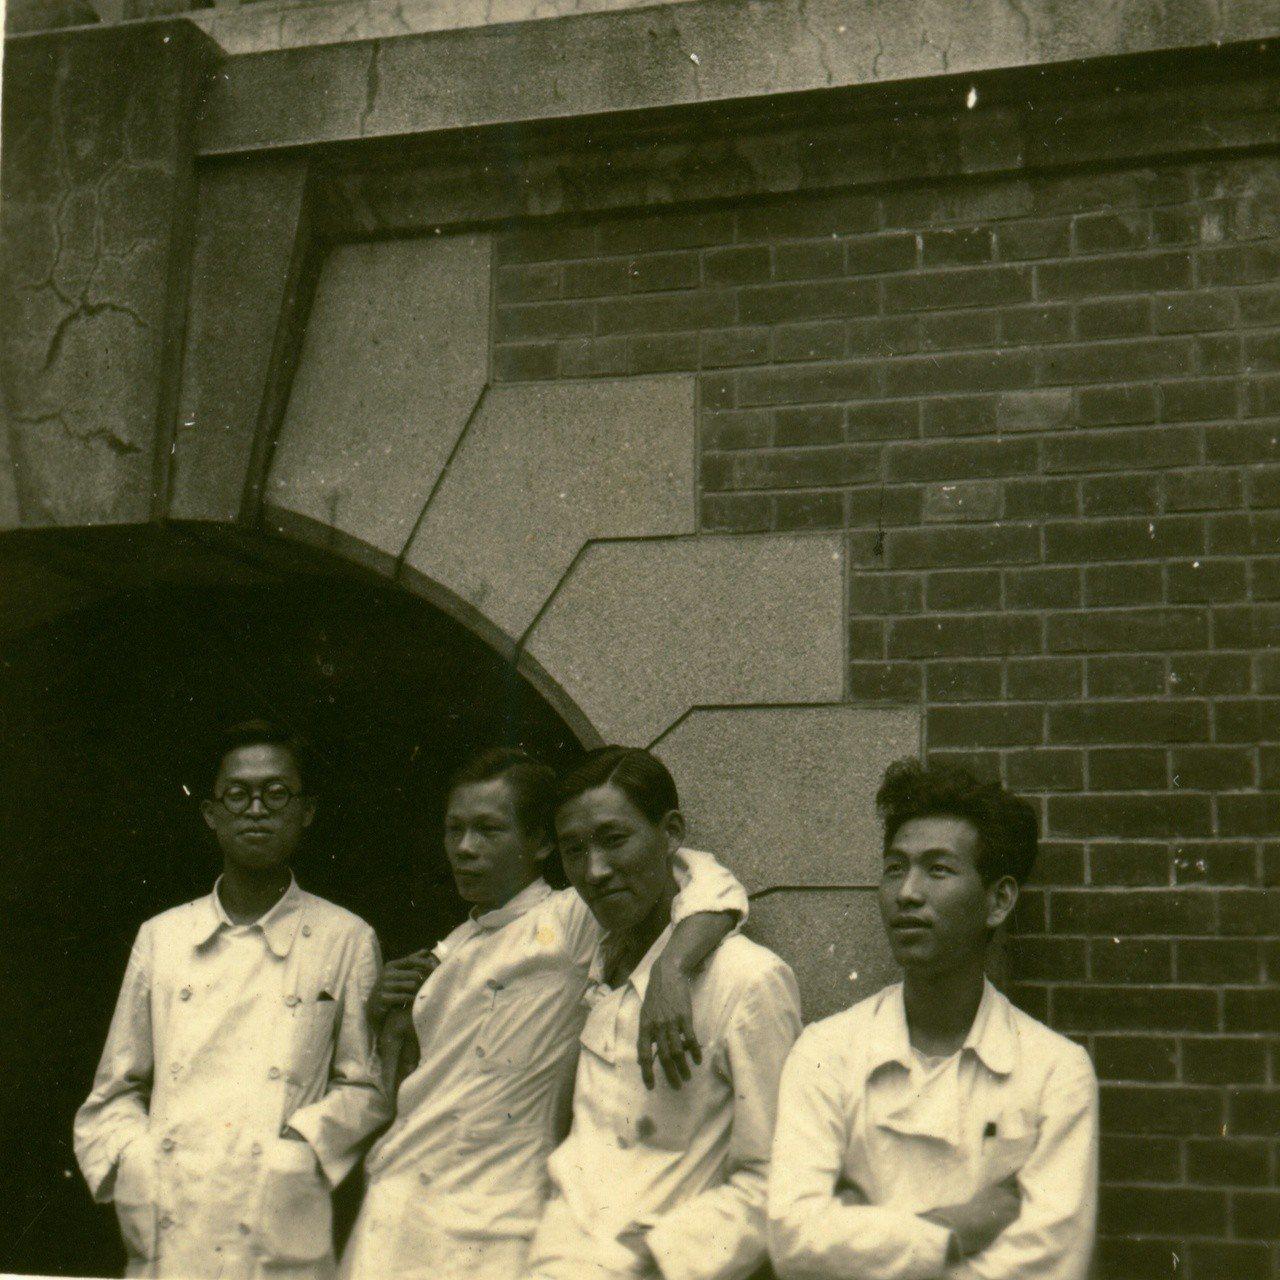 楊思標(右)帝國大學時期與同學合影。圖/楊思標提供